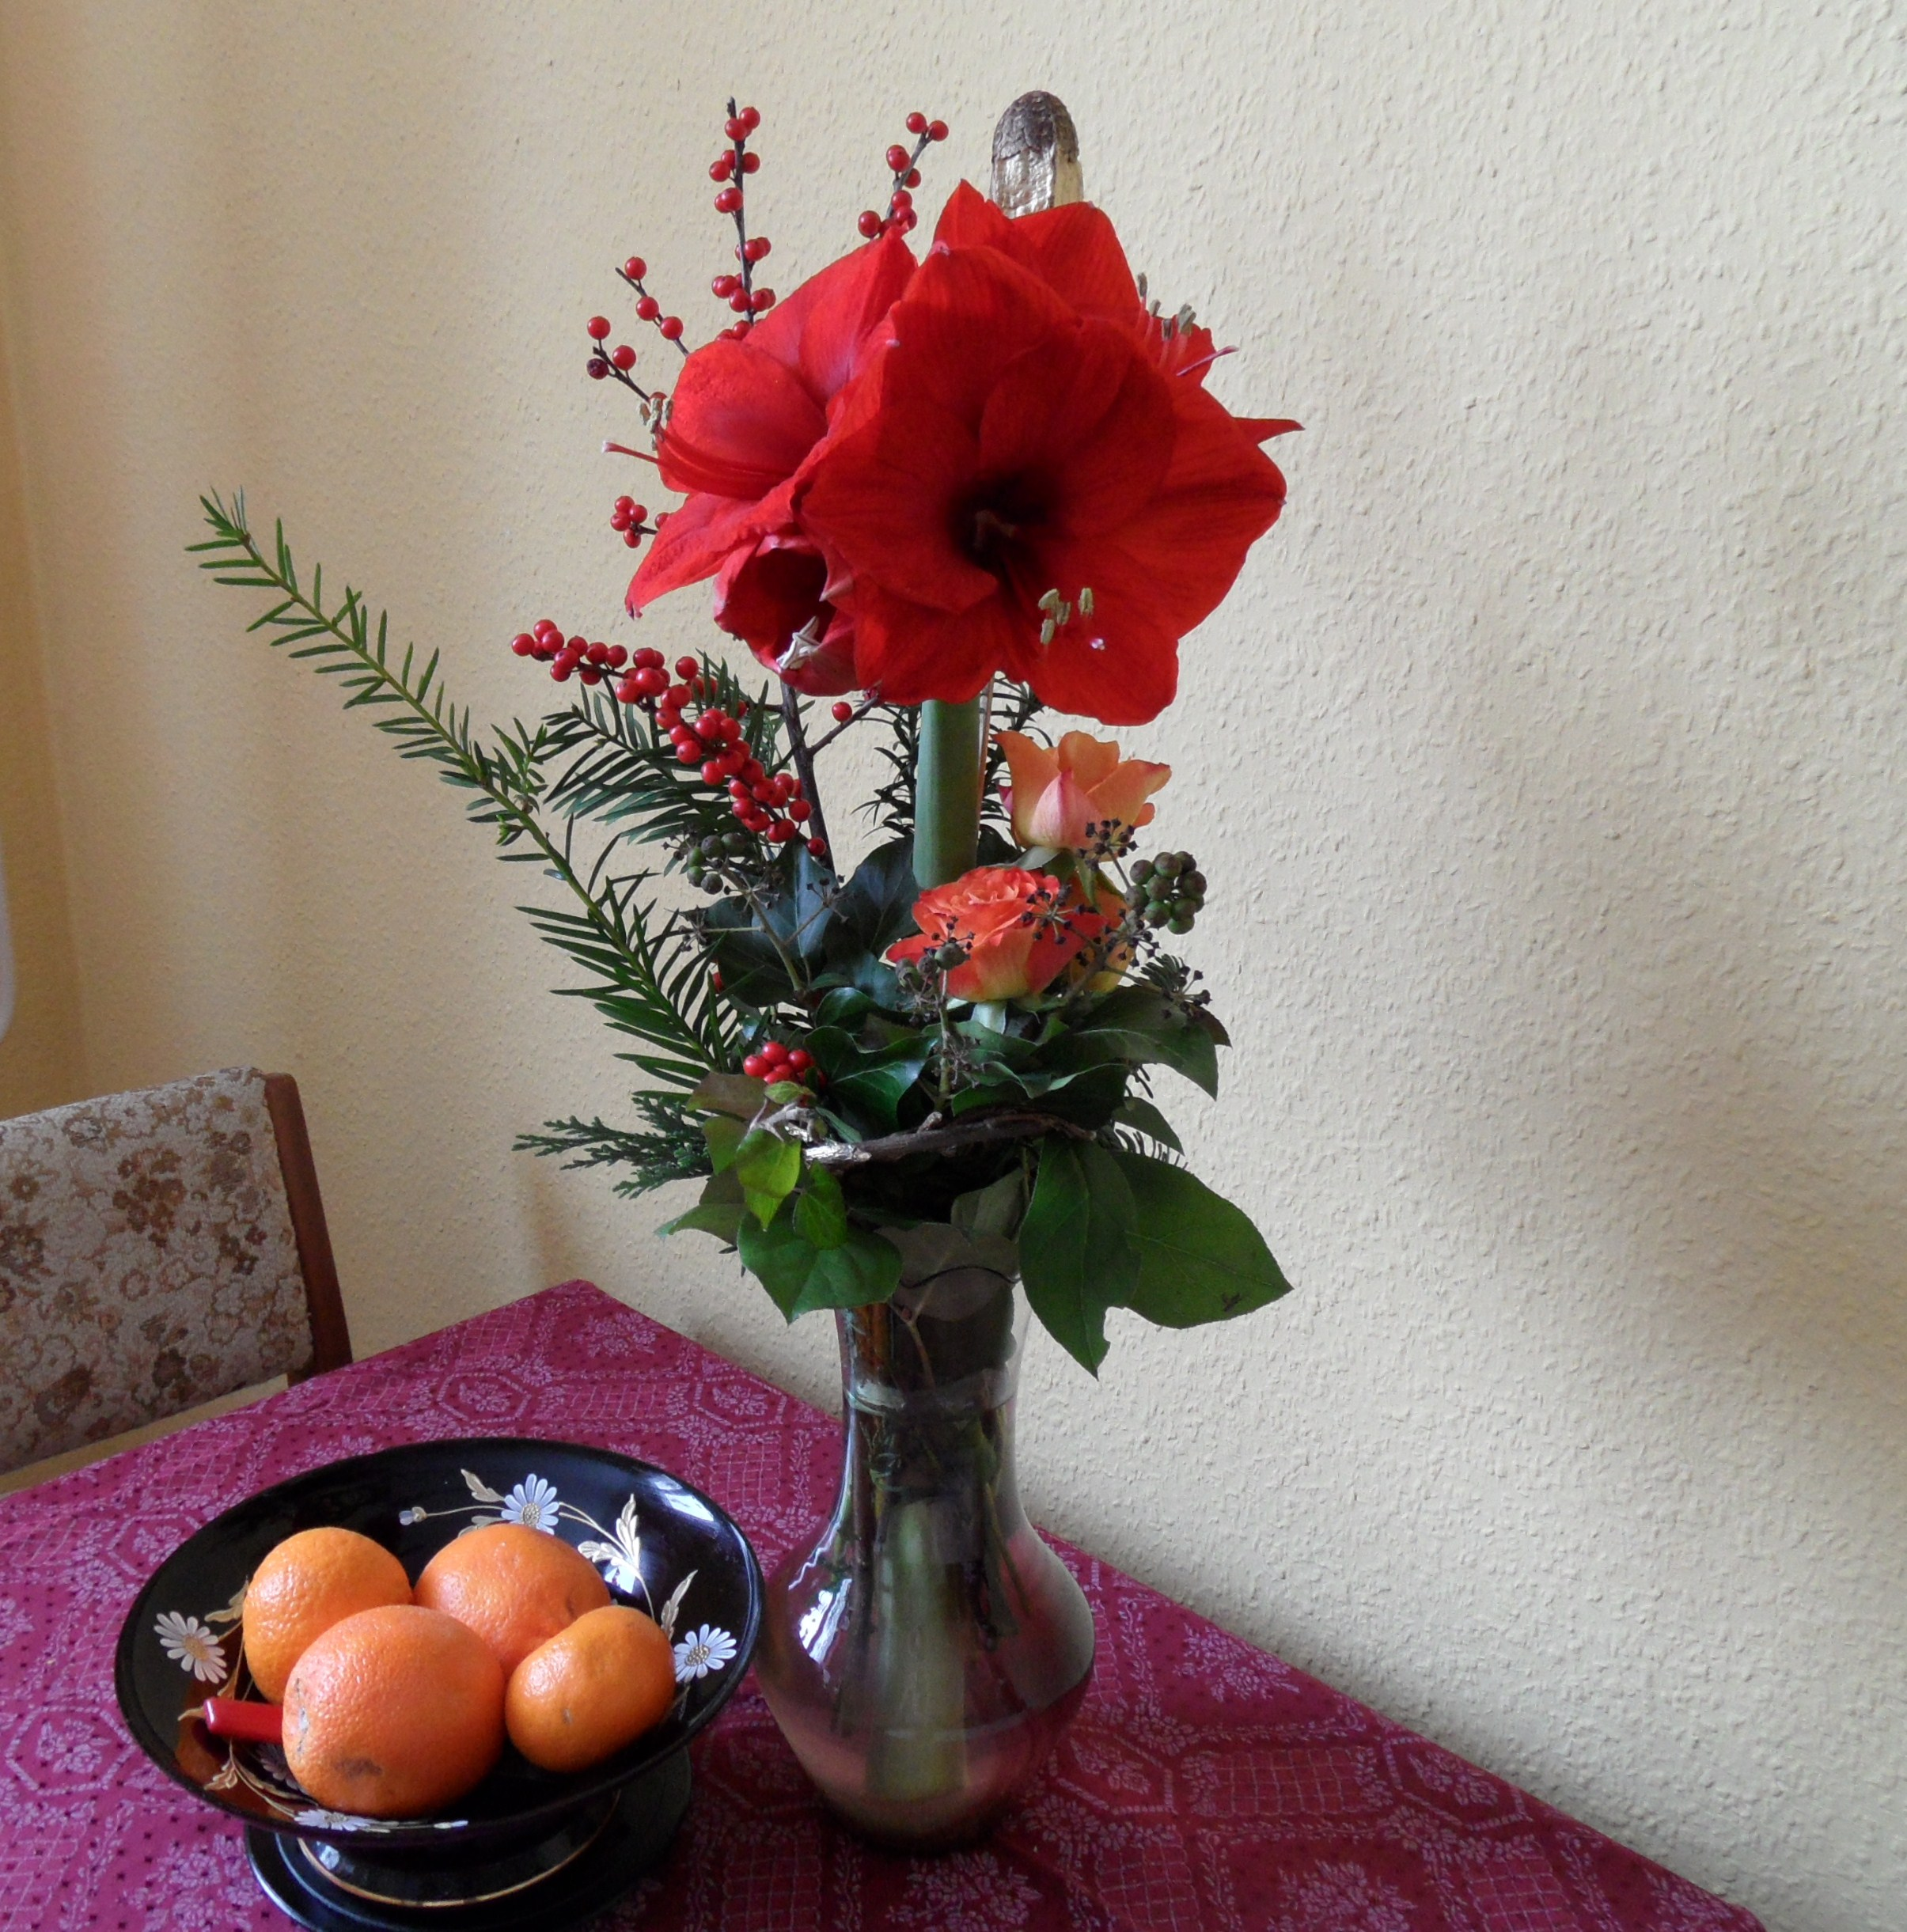 welche blume kann man zum geburtstag verschenken geschenk pflanzen blumen. Black Bedroom Furniture Sets. Home Design Ideas